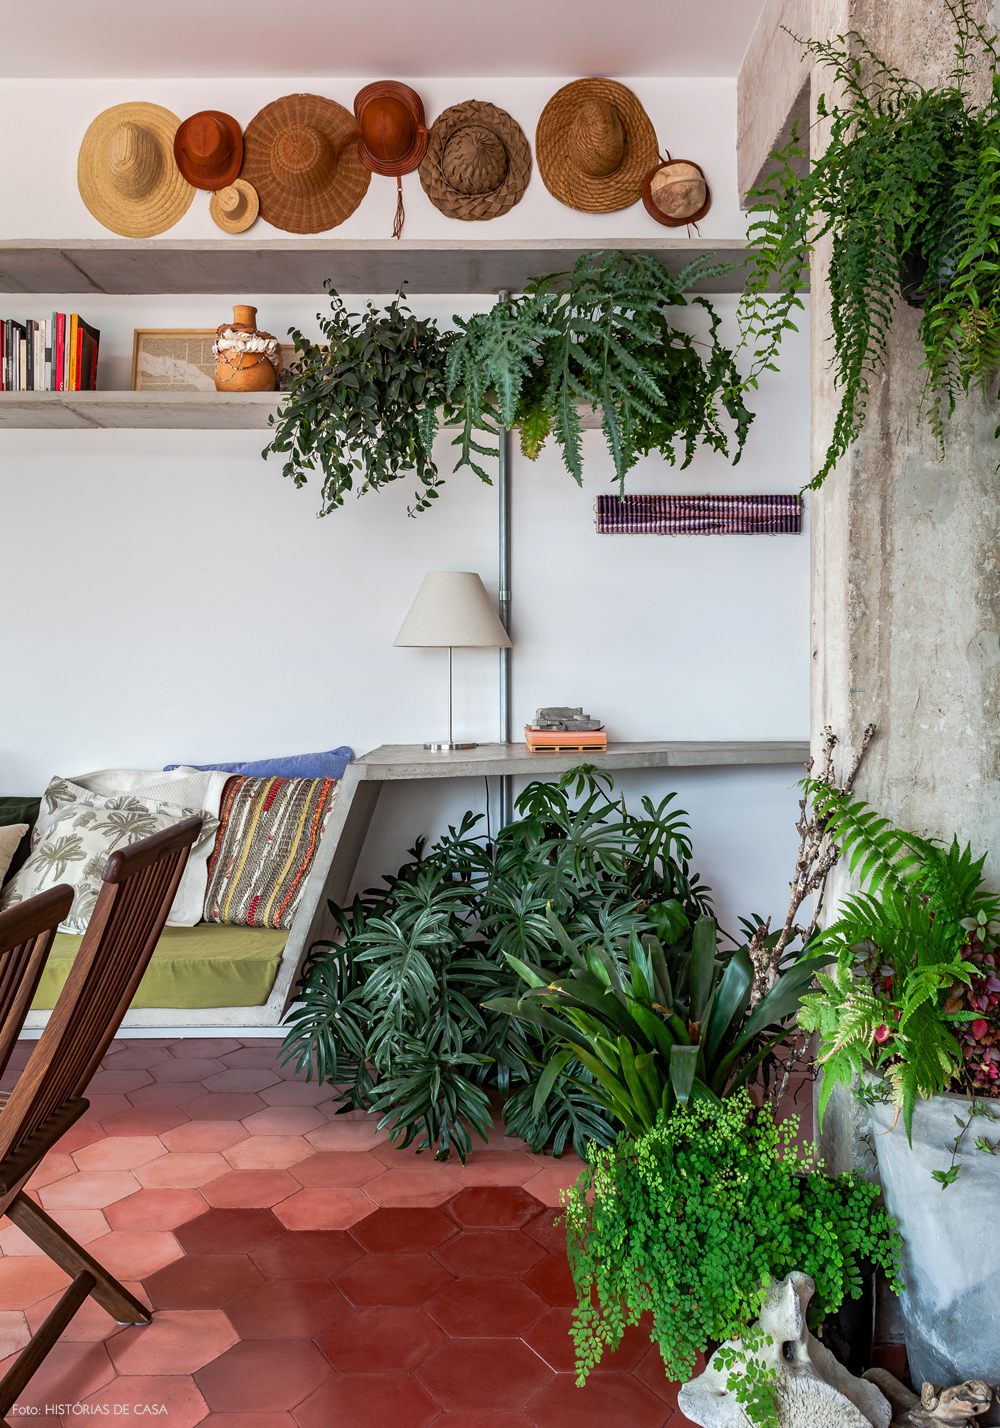 03-decoracao-apartamento-concreto-plantas-folhagens-prateleira